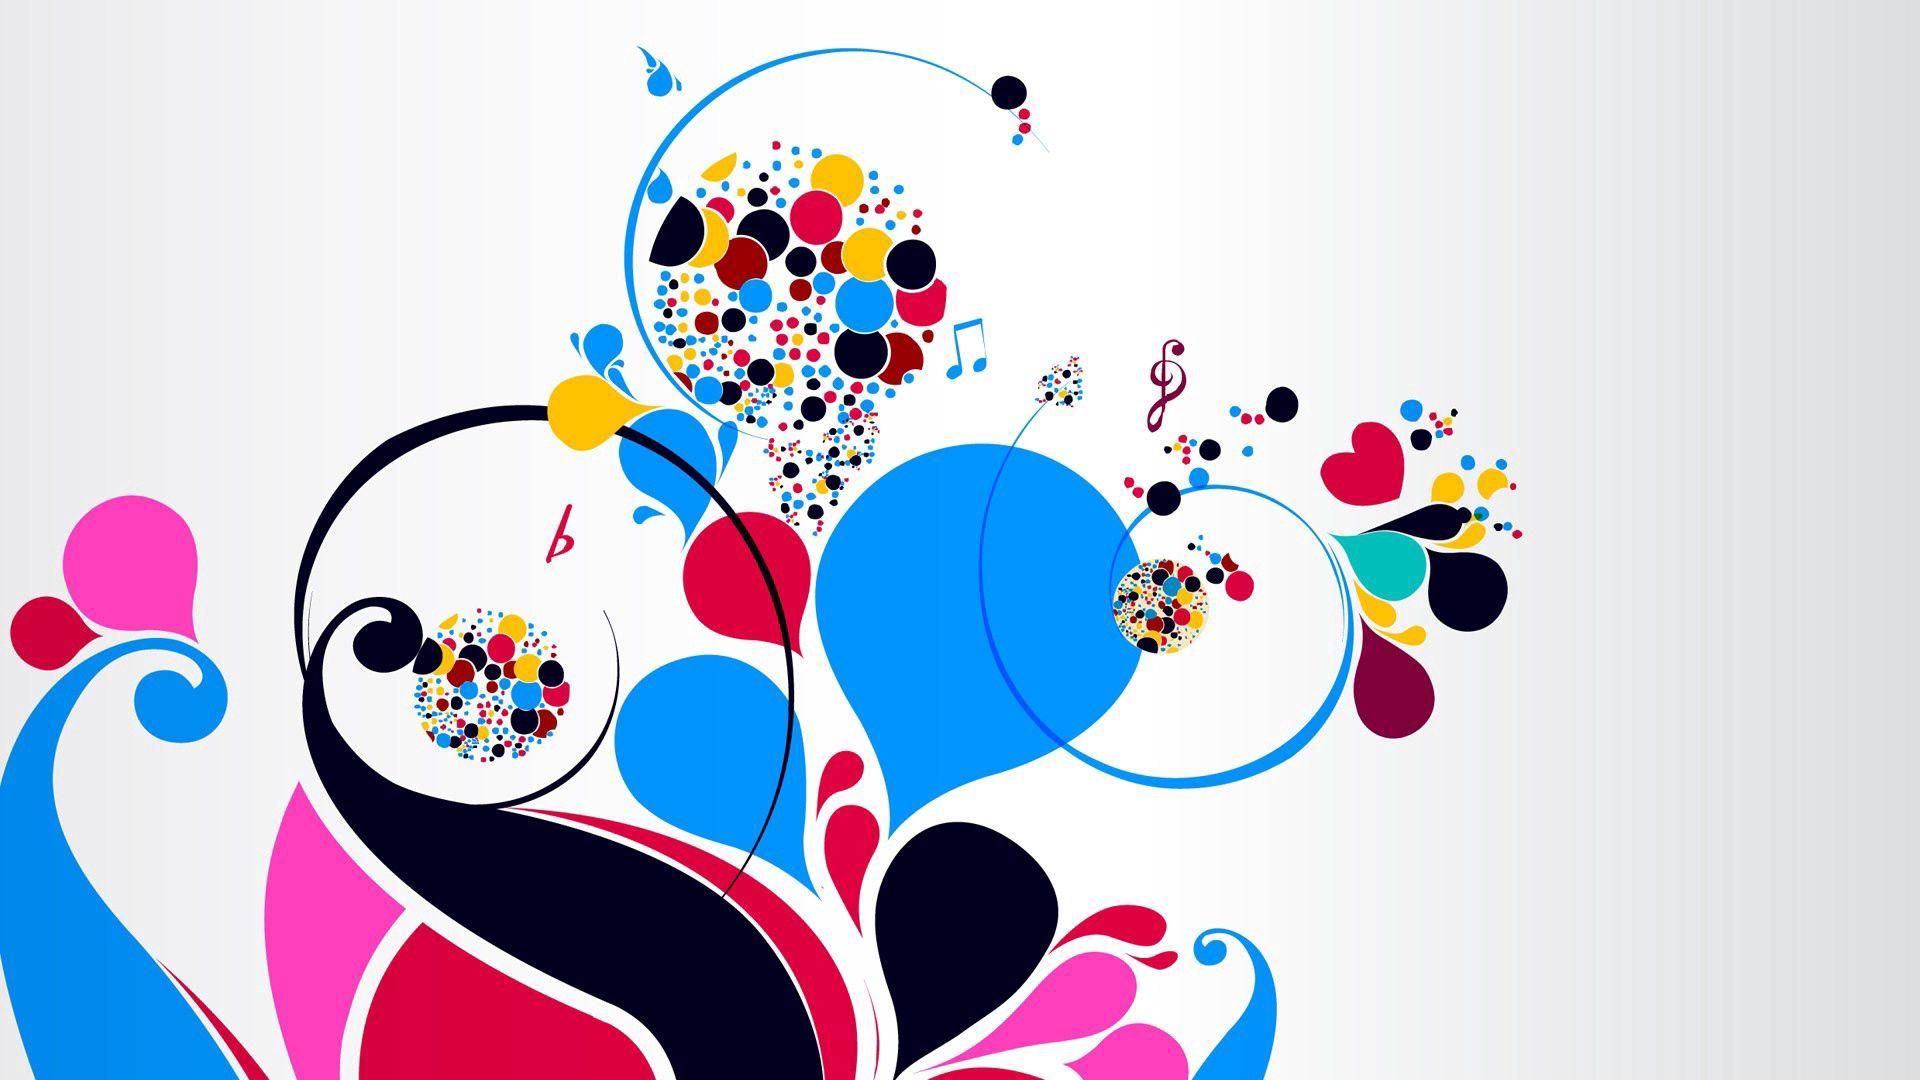 156375 Hintergrundbild herunterladen Musik, Abstrakt, Patterns, Hell, Mehrfarbig, Motley, Anmerkungen, Violinschlüssel, Dreifacher Schlüssel - Bildschirmschoner und Bilder kostenlos